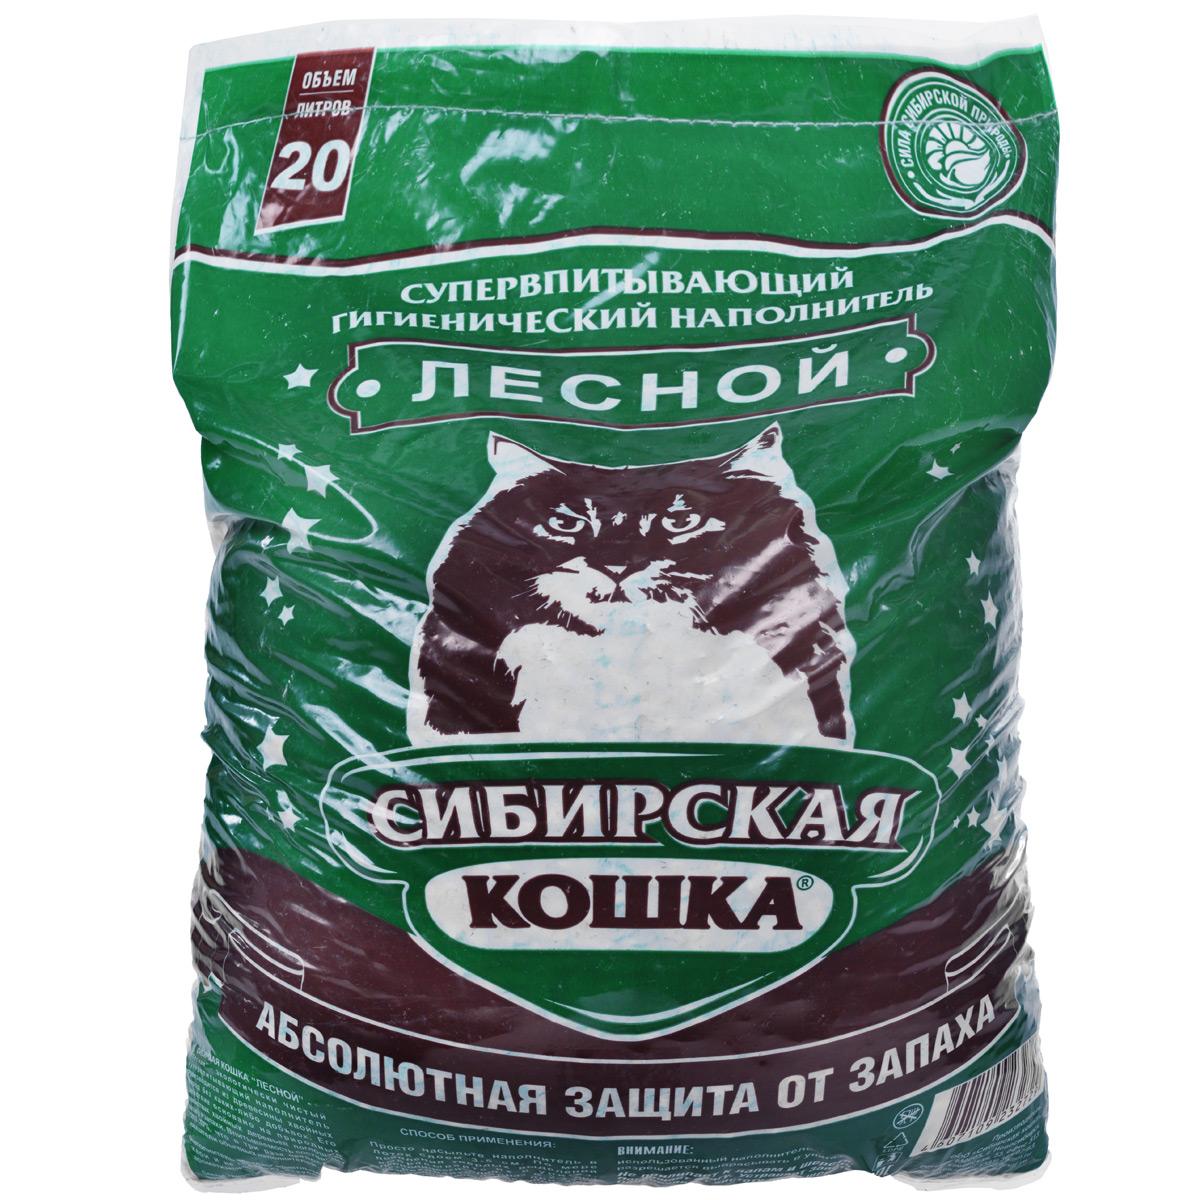 Наполнитель для кошачьих туалетов Сибирская Кошка Лесной, древесный, 20 л0120710Экологически чистый супервпитывающий наполнитель для кошачьих туалетов Сибирская Кошка Лесной производится из древесины хвойных пород в отсутствии каких-либо присадок. Его действие базируется на естественных свойствах составляет 260-320%, что в 3 раза превосходит характеристики обычных наполнителей. Дезинфицирующие качества наполнителя содействуют уничтожению болезнетворных микробов.Обладает природным естественным запахом хвои.Наполнитель возможно использовать также как подстилку в клетках для кроликов, морских свинок, крыс и хомяков.Состав: древесина хвойных пород.Размер гранулы: 10 мм.Объем: 20 л.Товар сертифицирован.